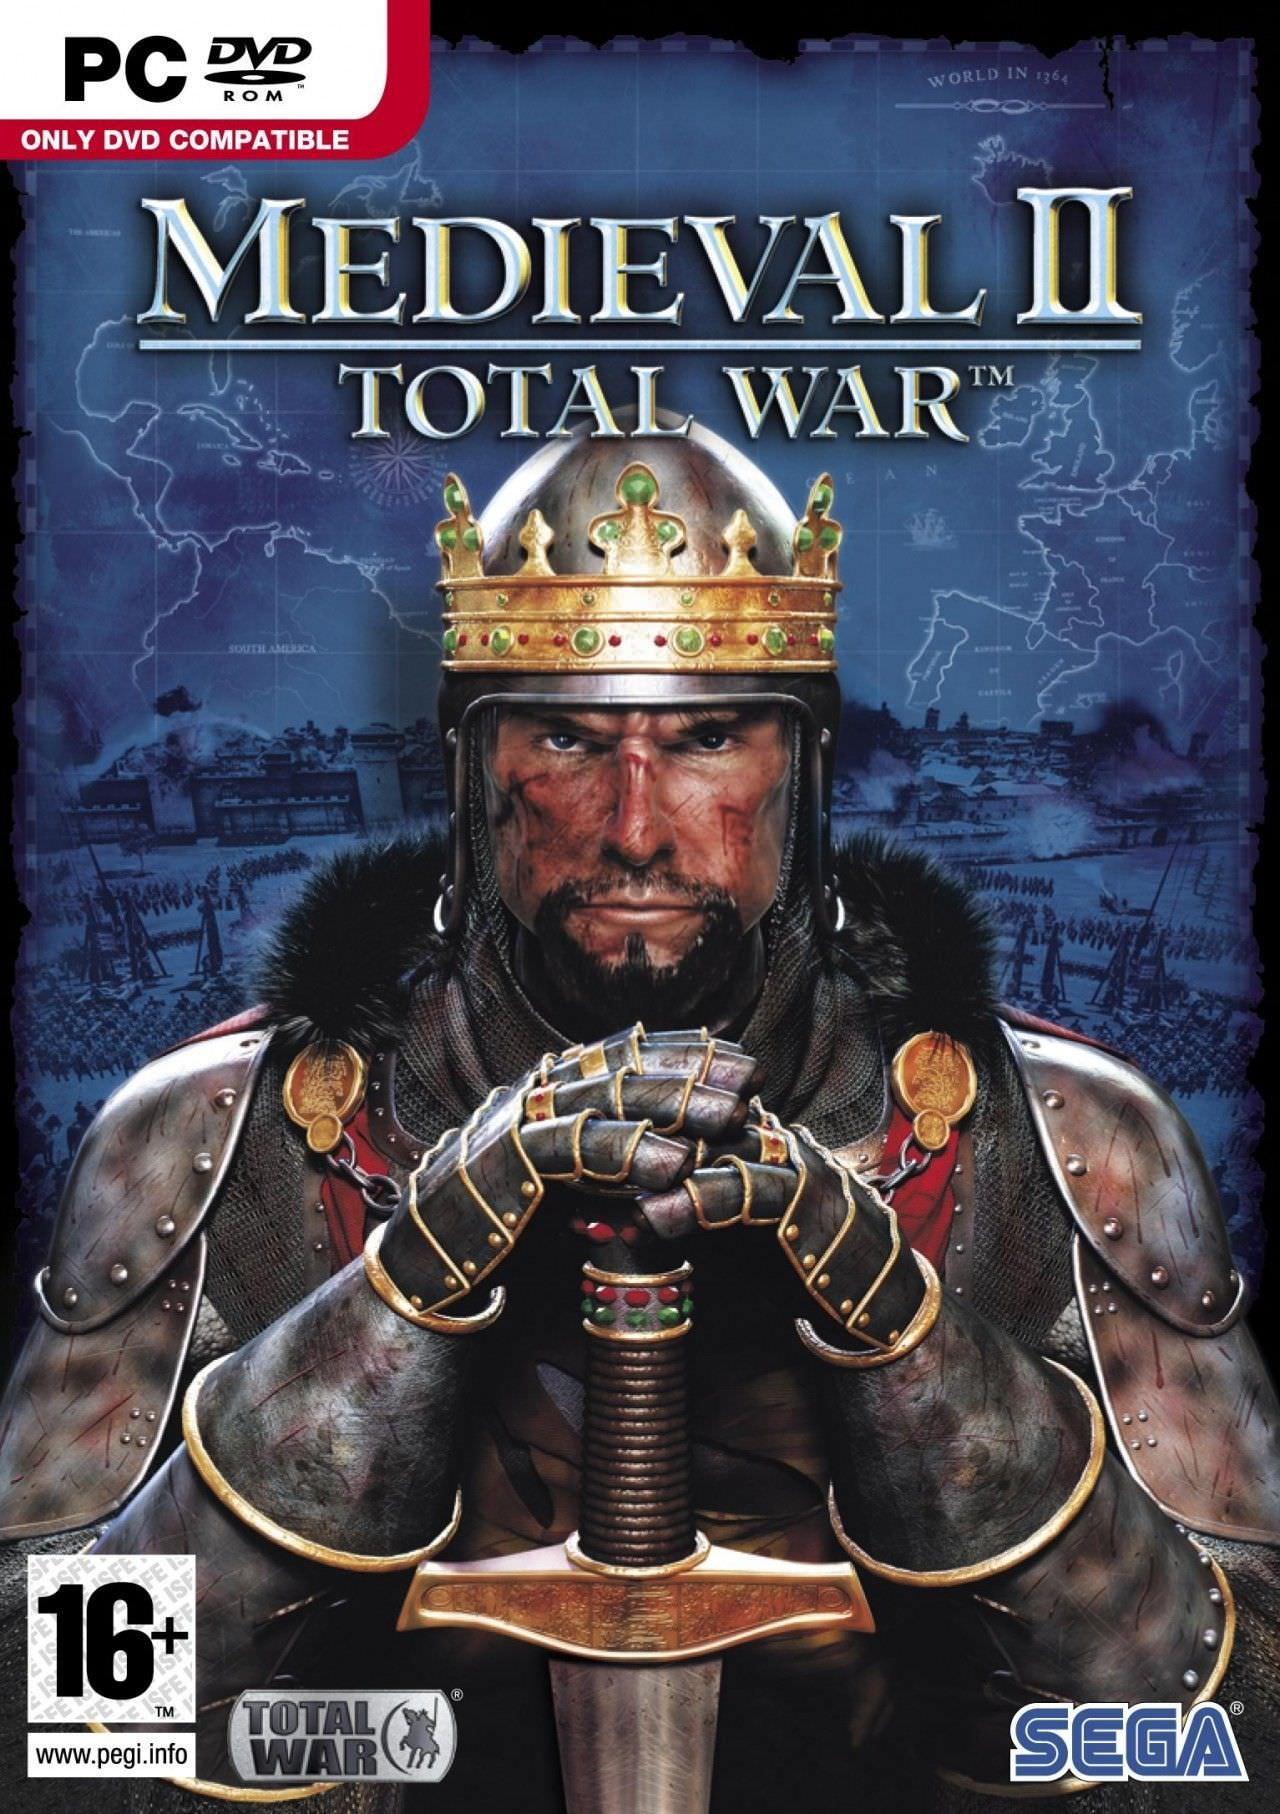 medieval-ii-total-war-pc(1).jpg